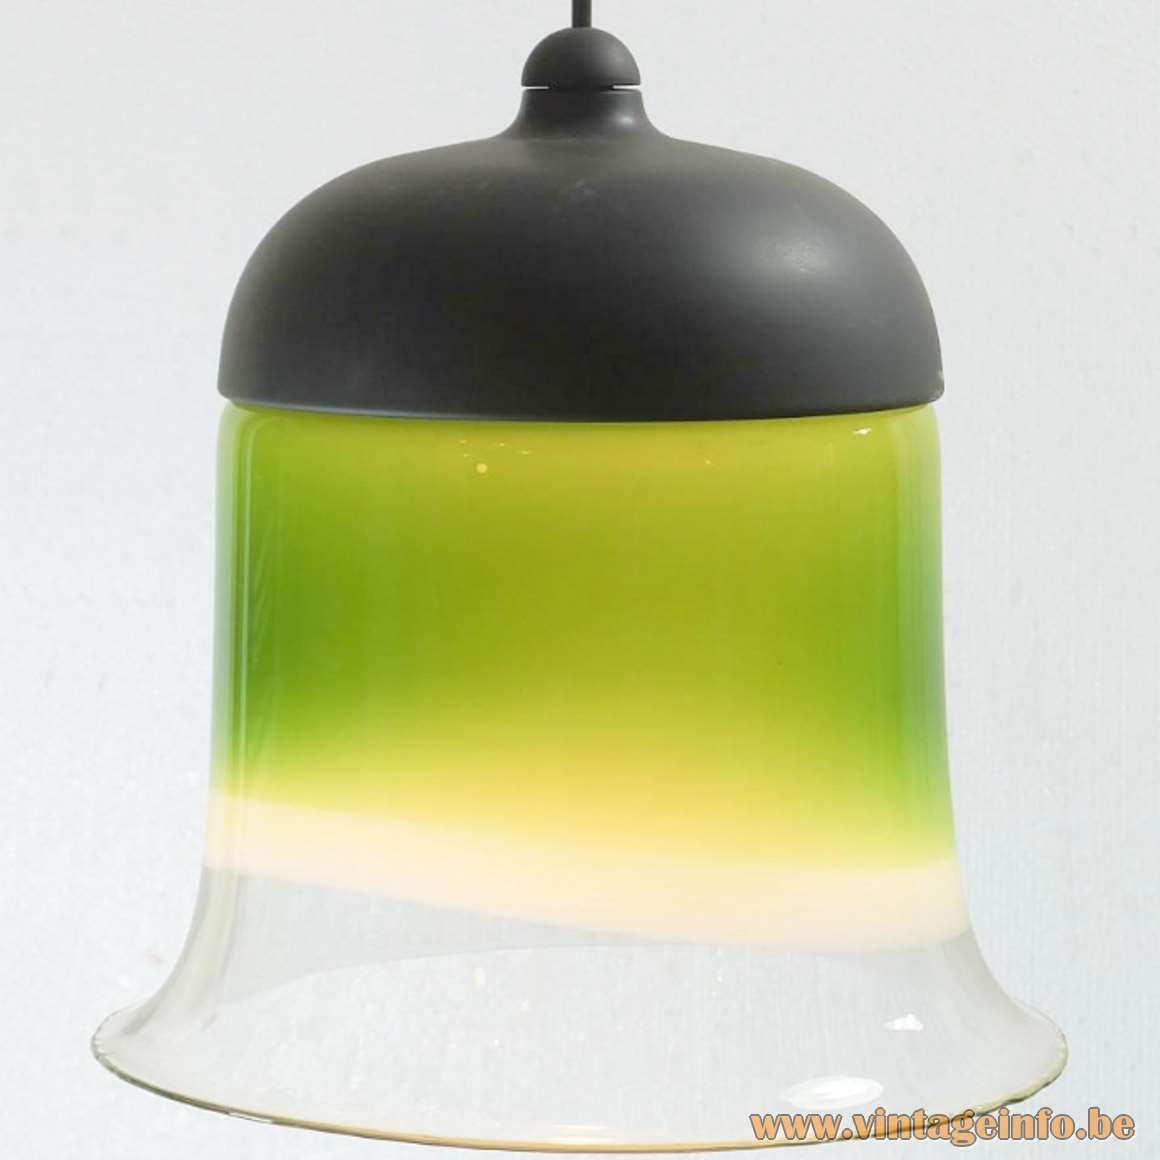 Peill + Putzler Bell Pendant Light - green version